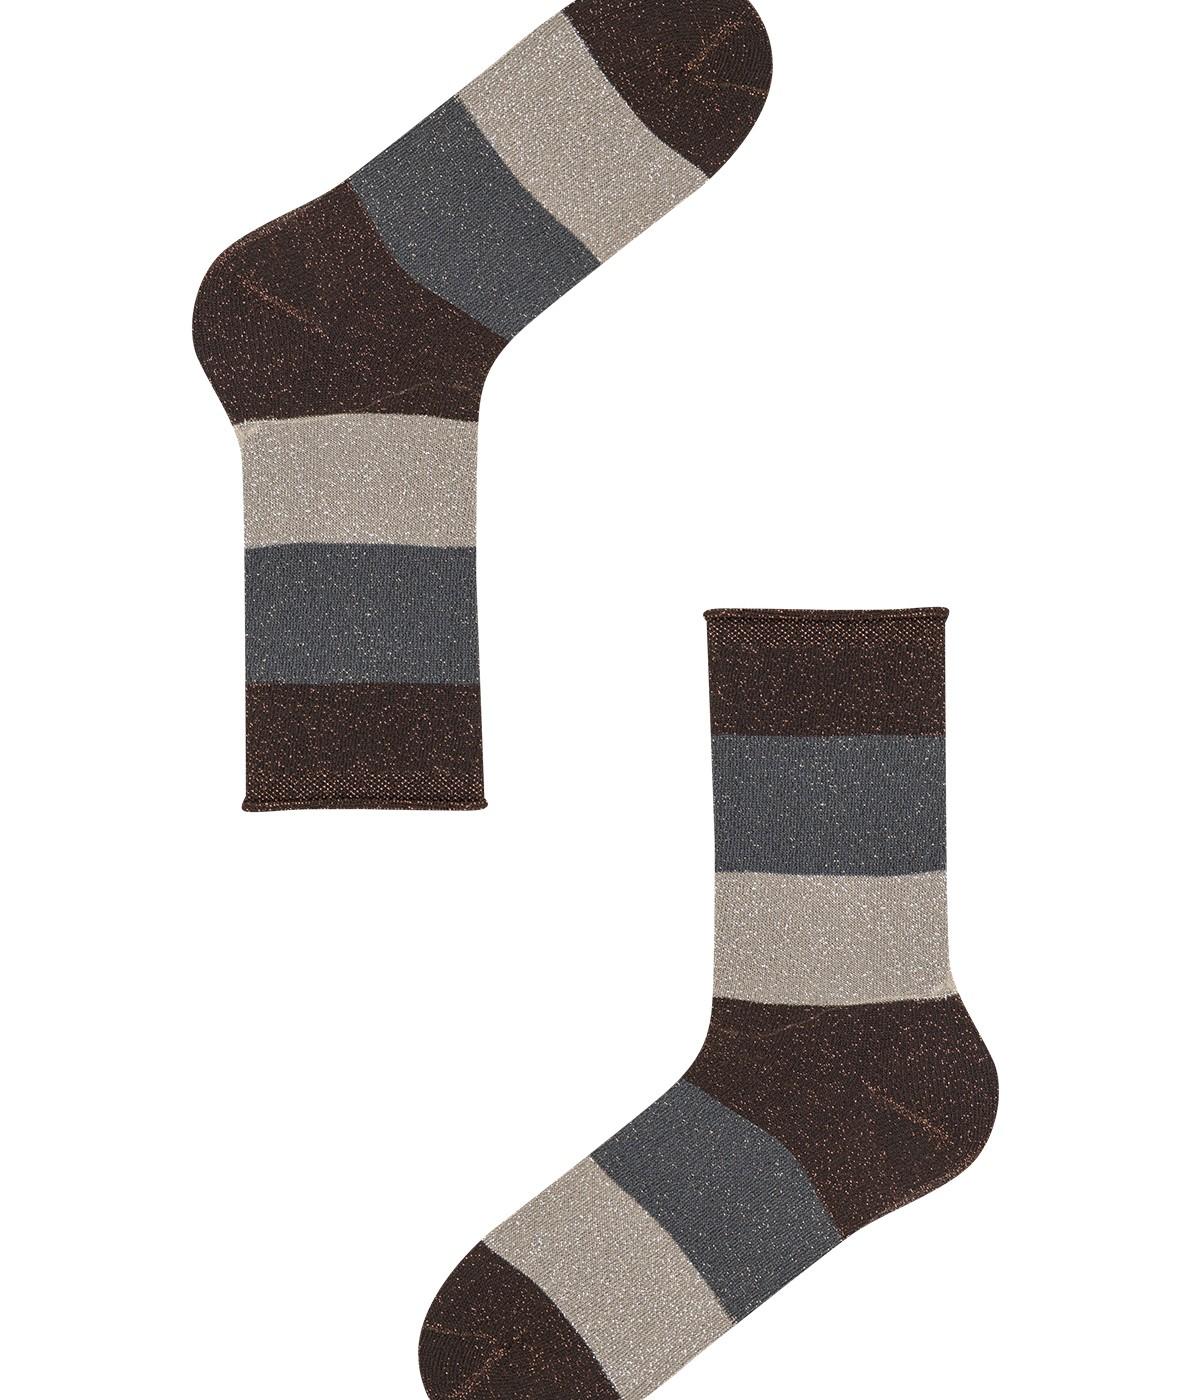 Luxe Socks